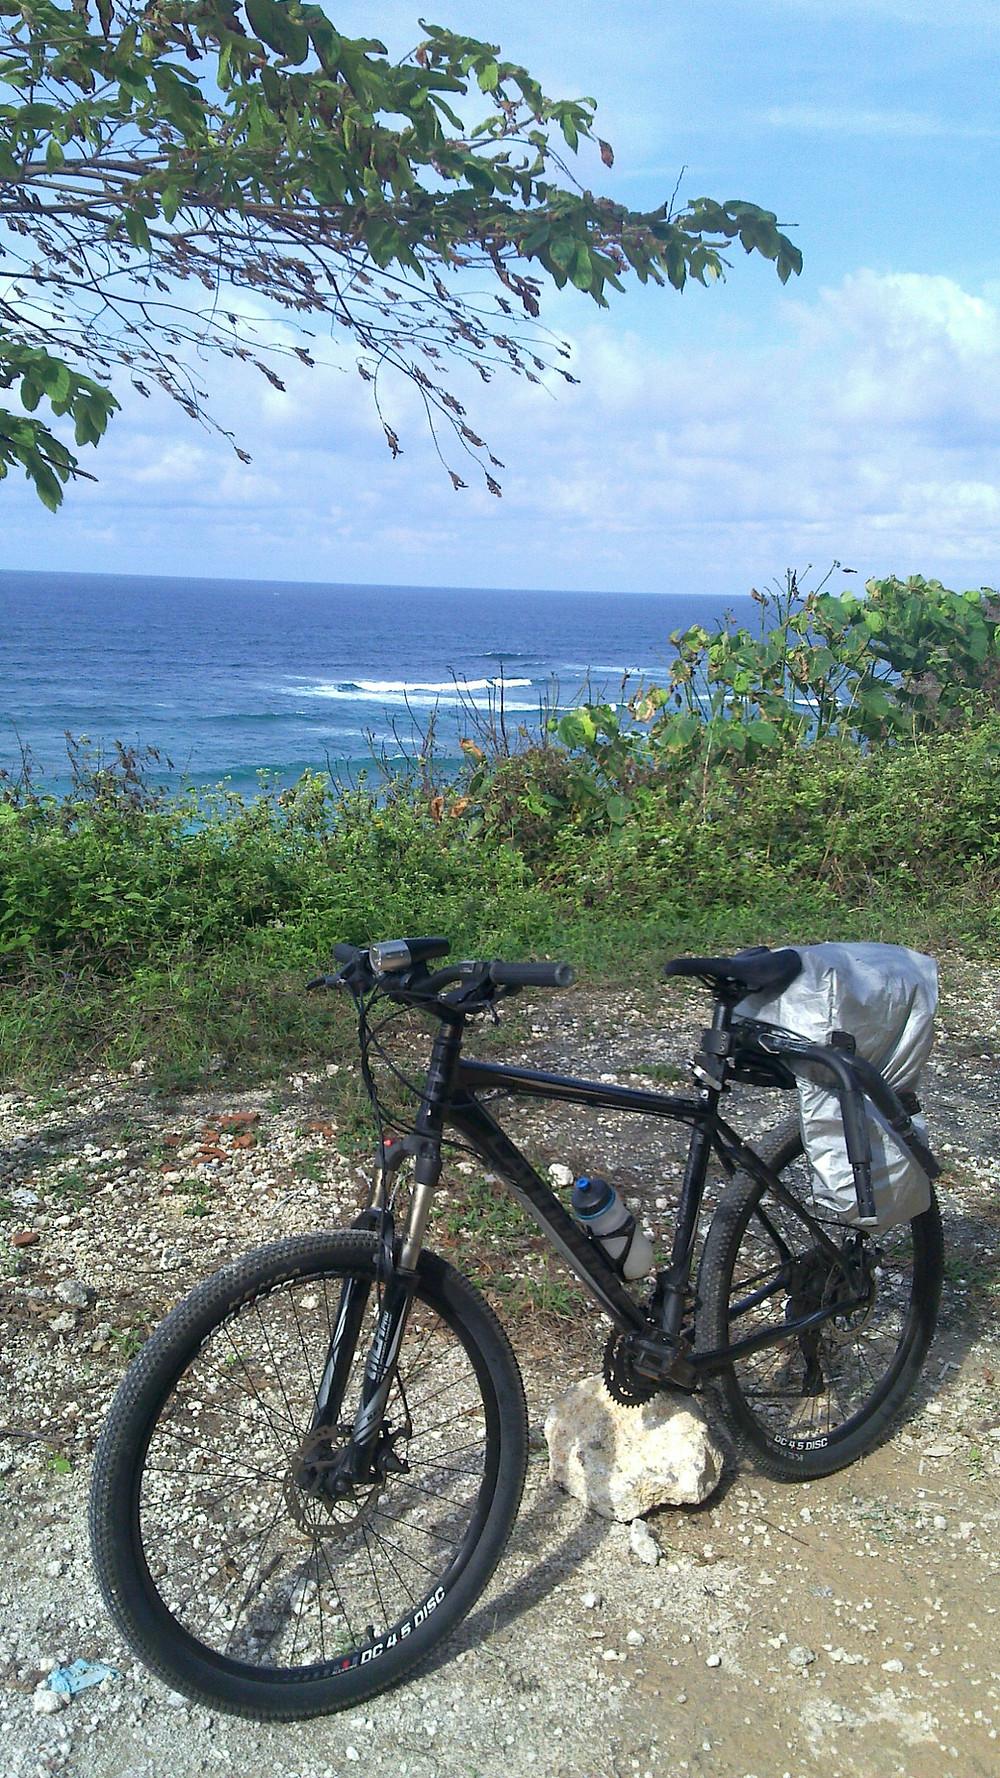 Bicicleta estacionada em uma praia de Bali